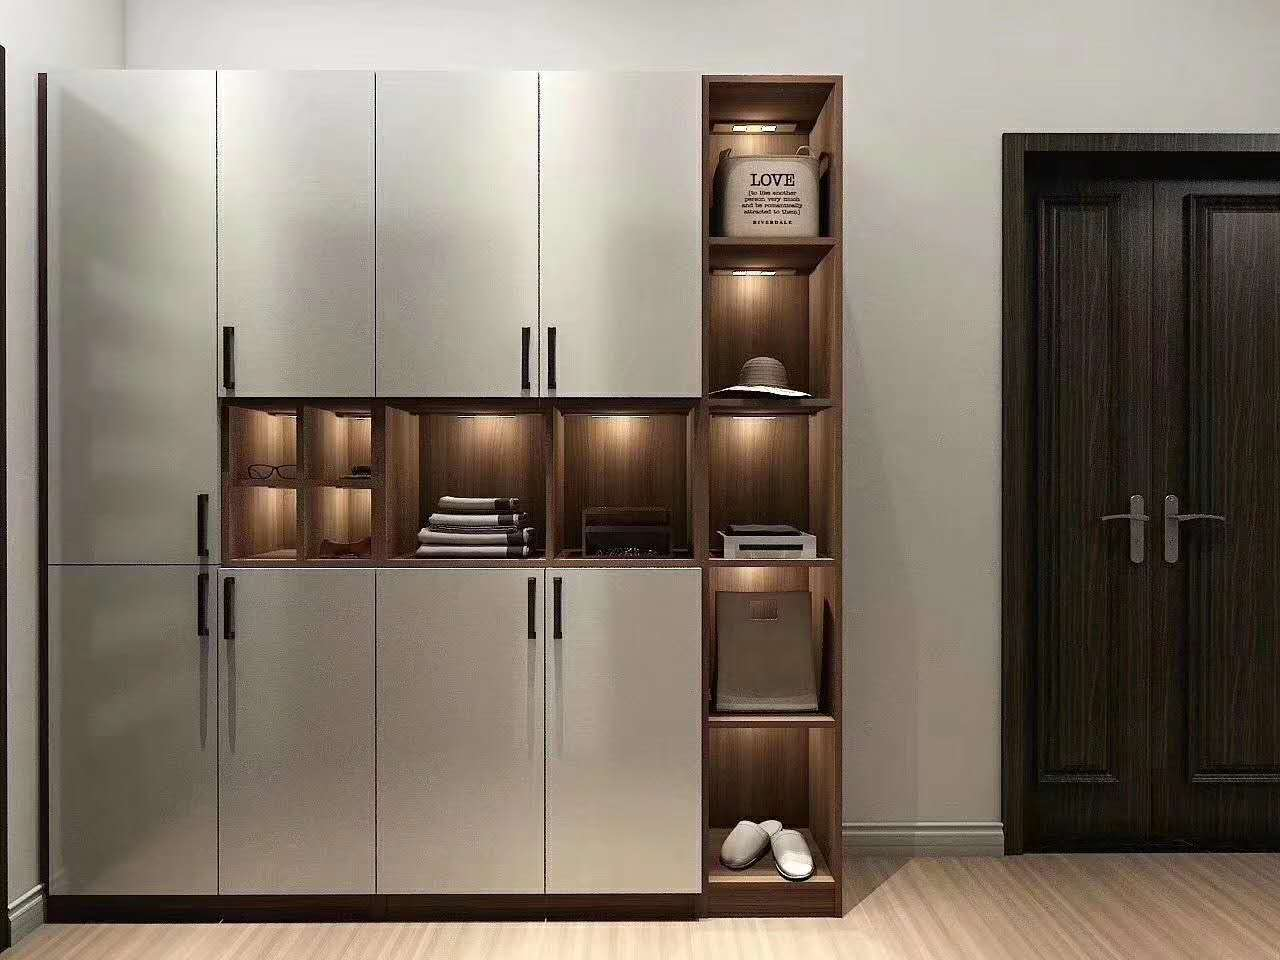 原來全鋁鞋櫃要這樣設計,一個鞋櫃能頂三個,後悔沒能這樣裝!